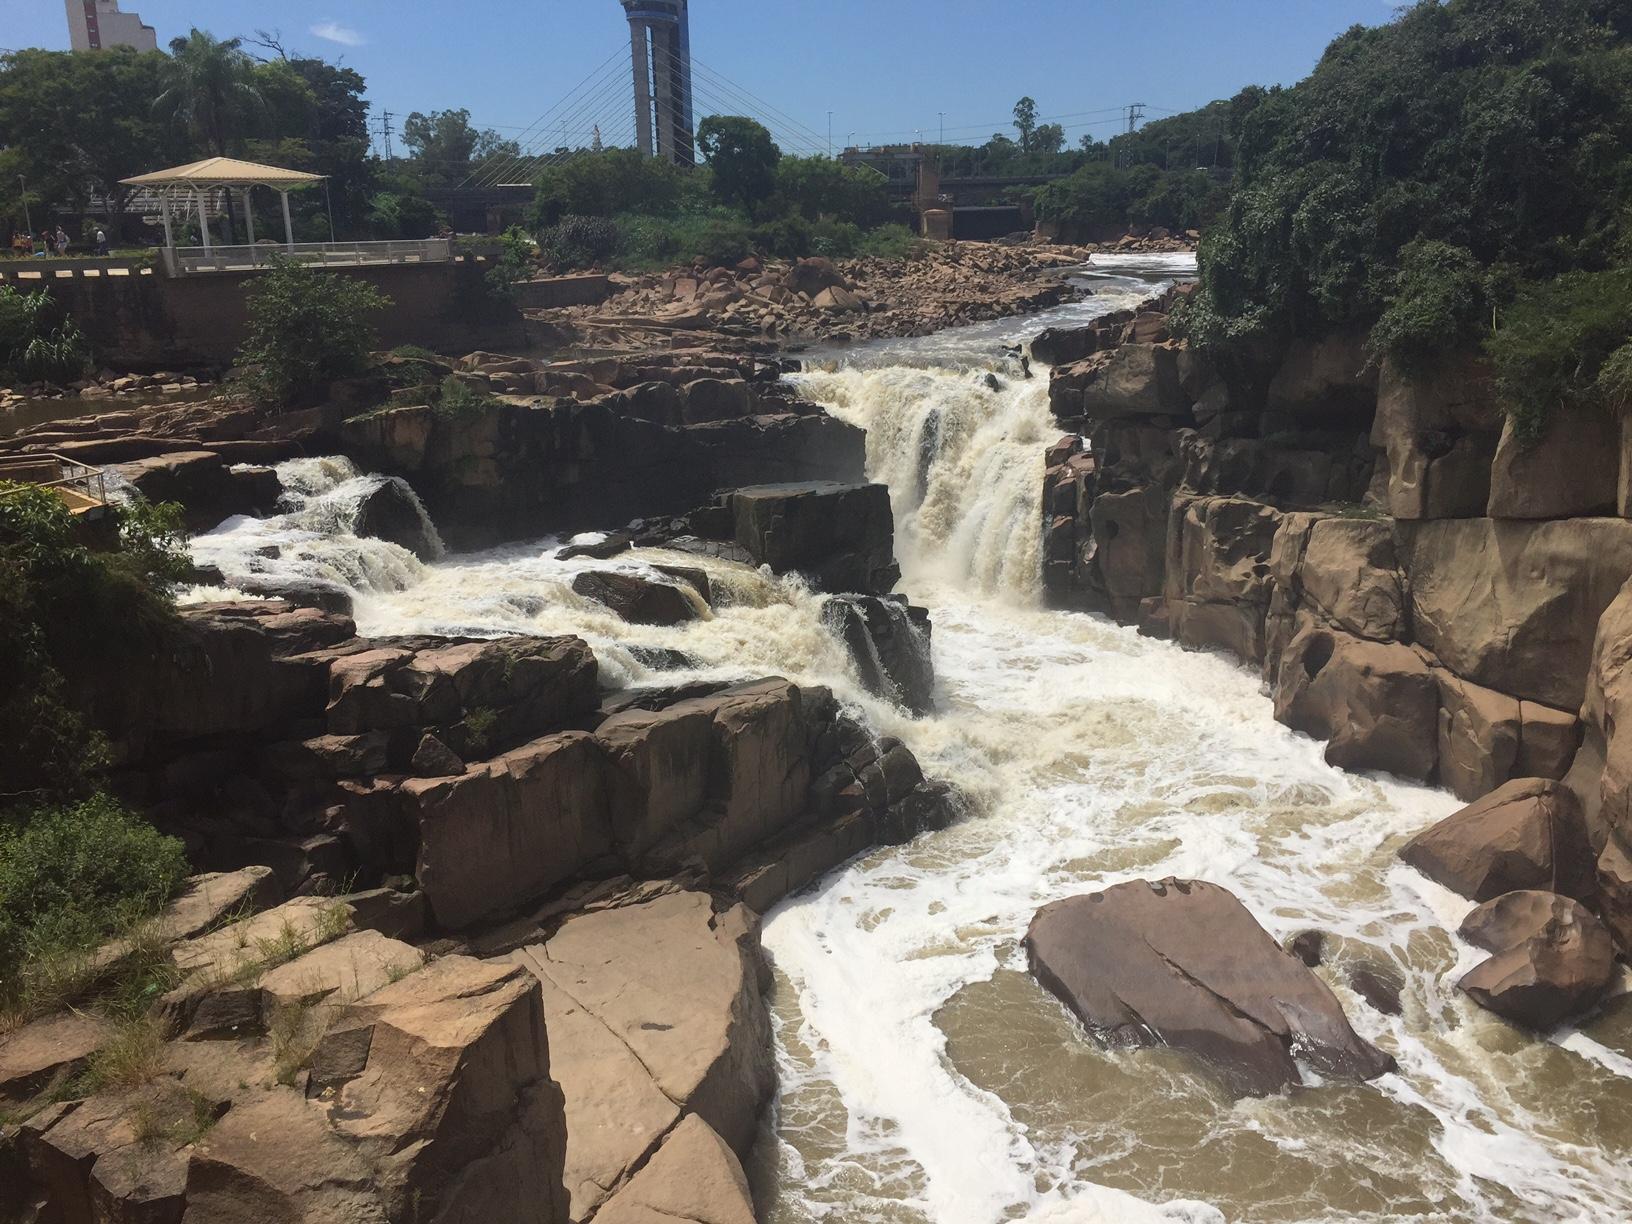 Vista da Cachoeira do Rio Tietê